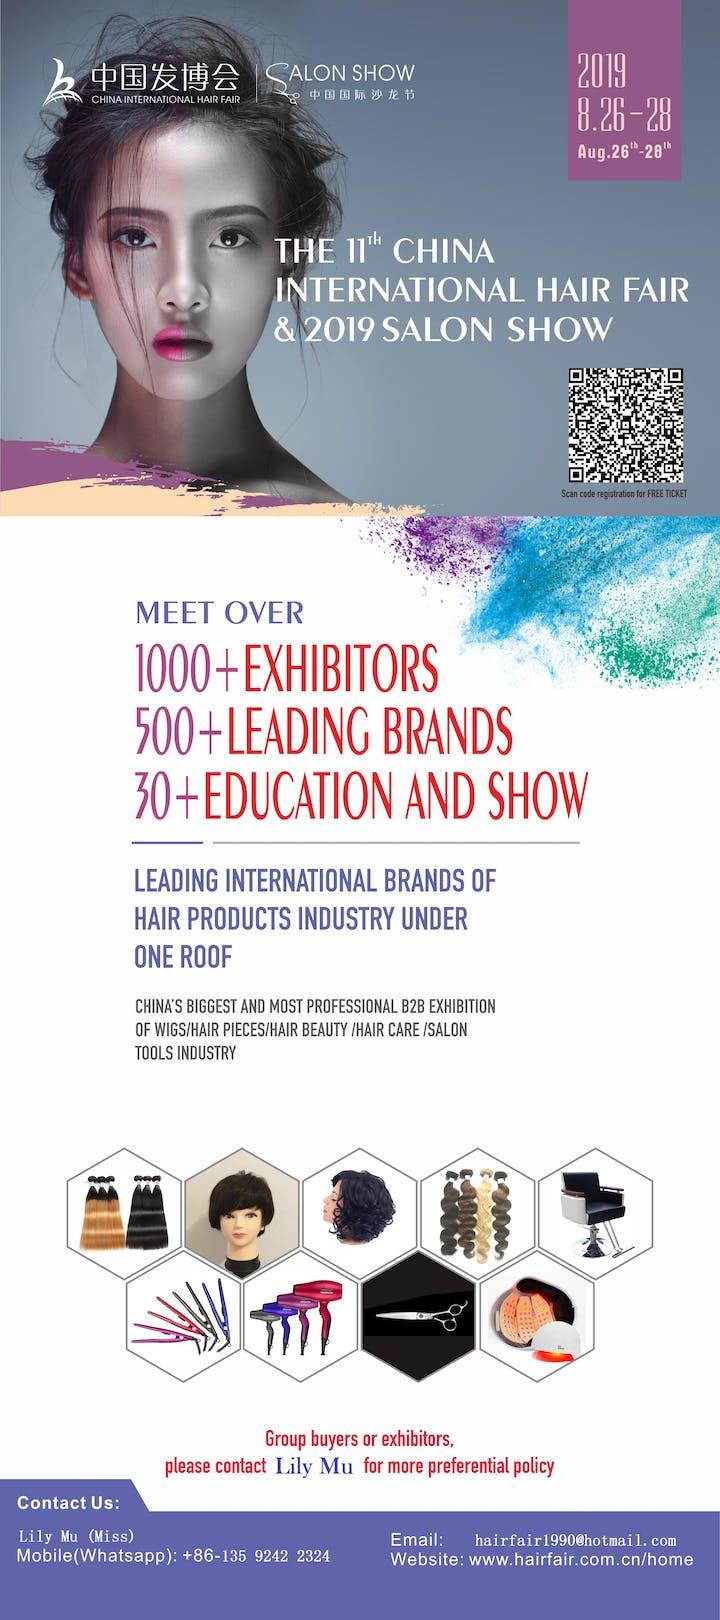 2019 China International Hair Fair & Salon Show Tickets, Mon, Aug 26